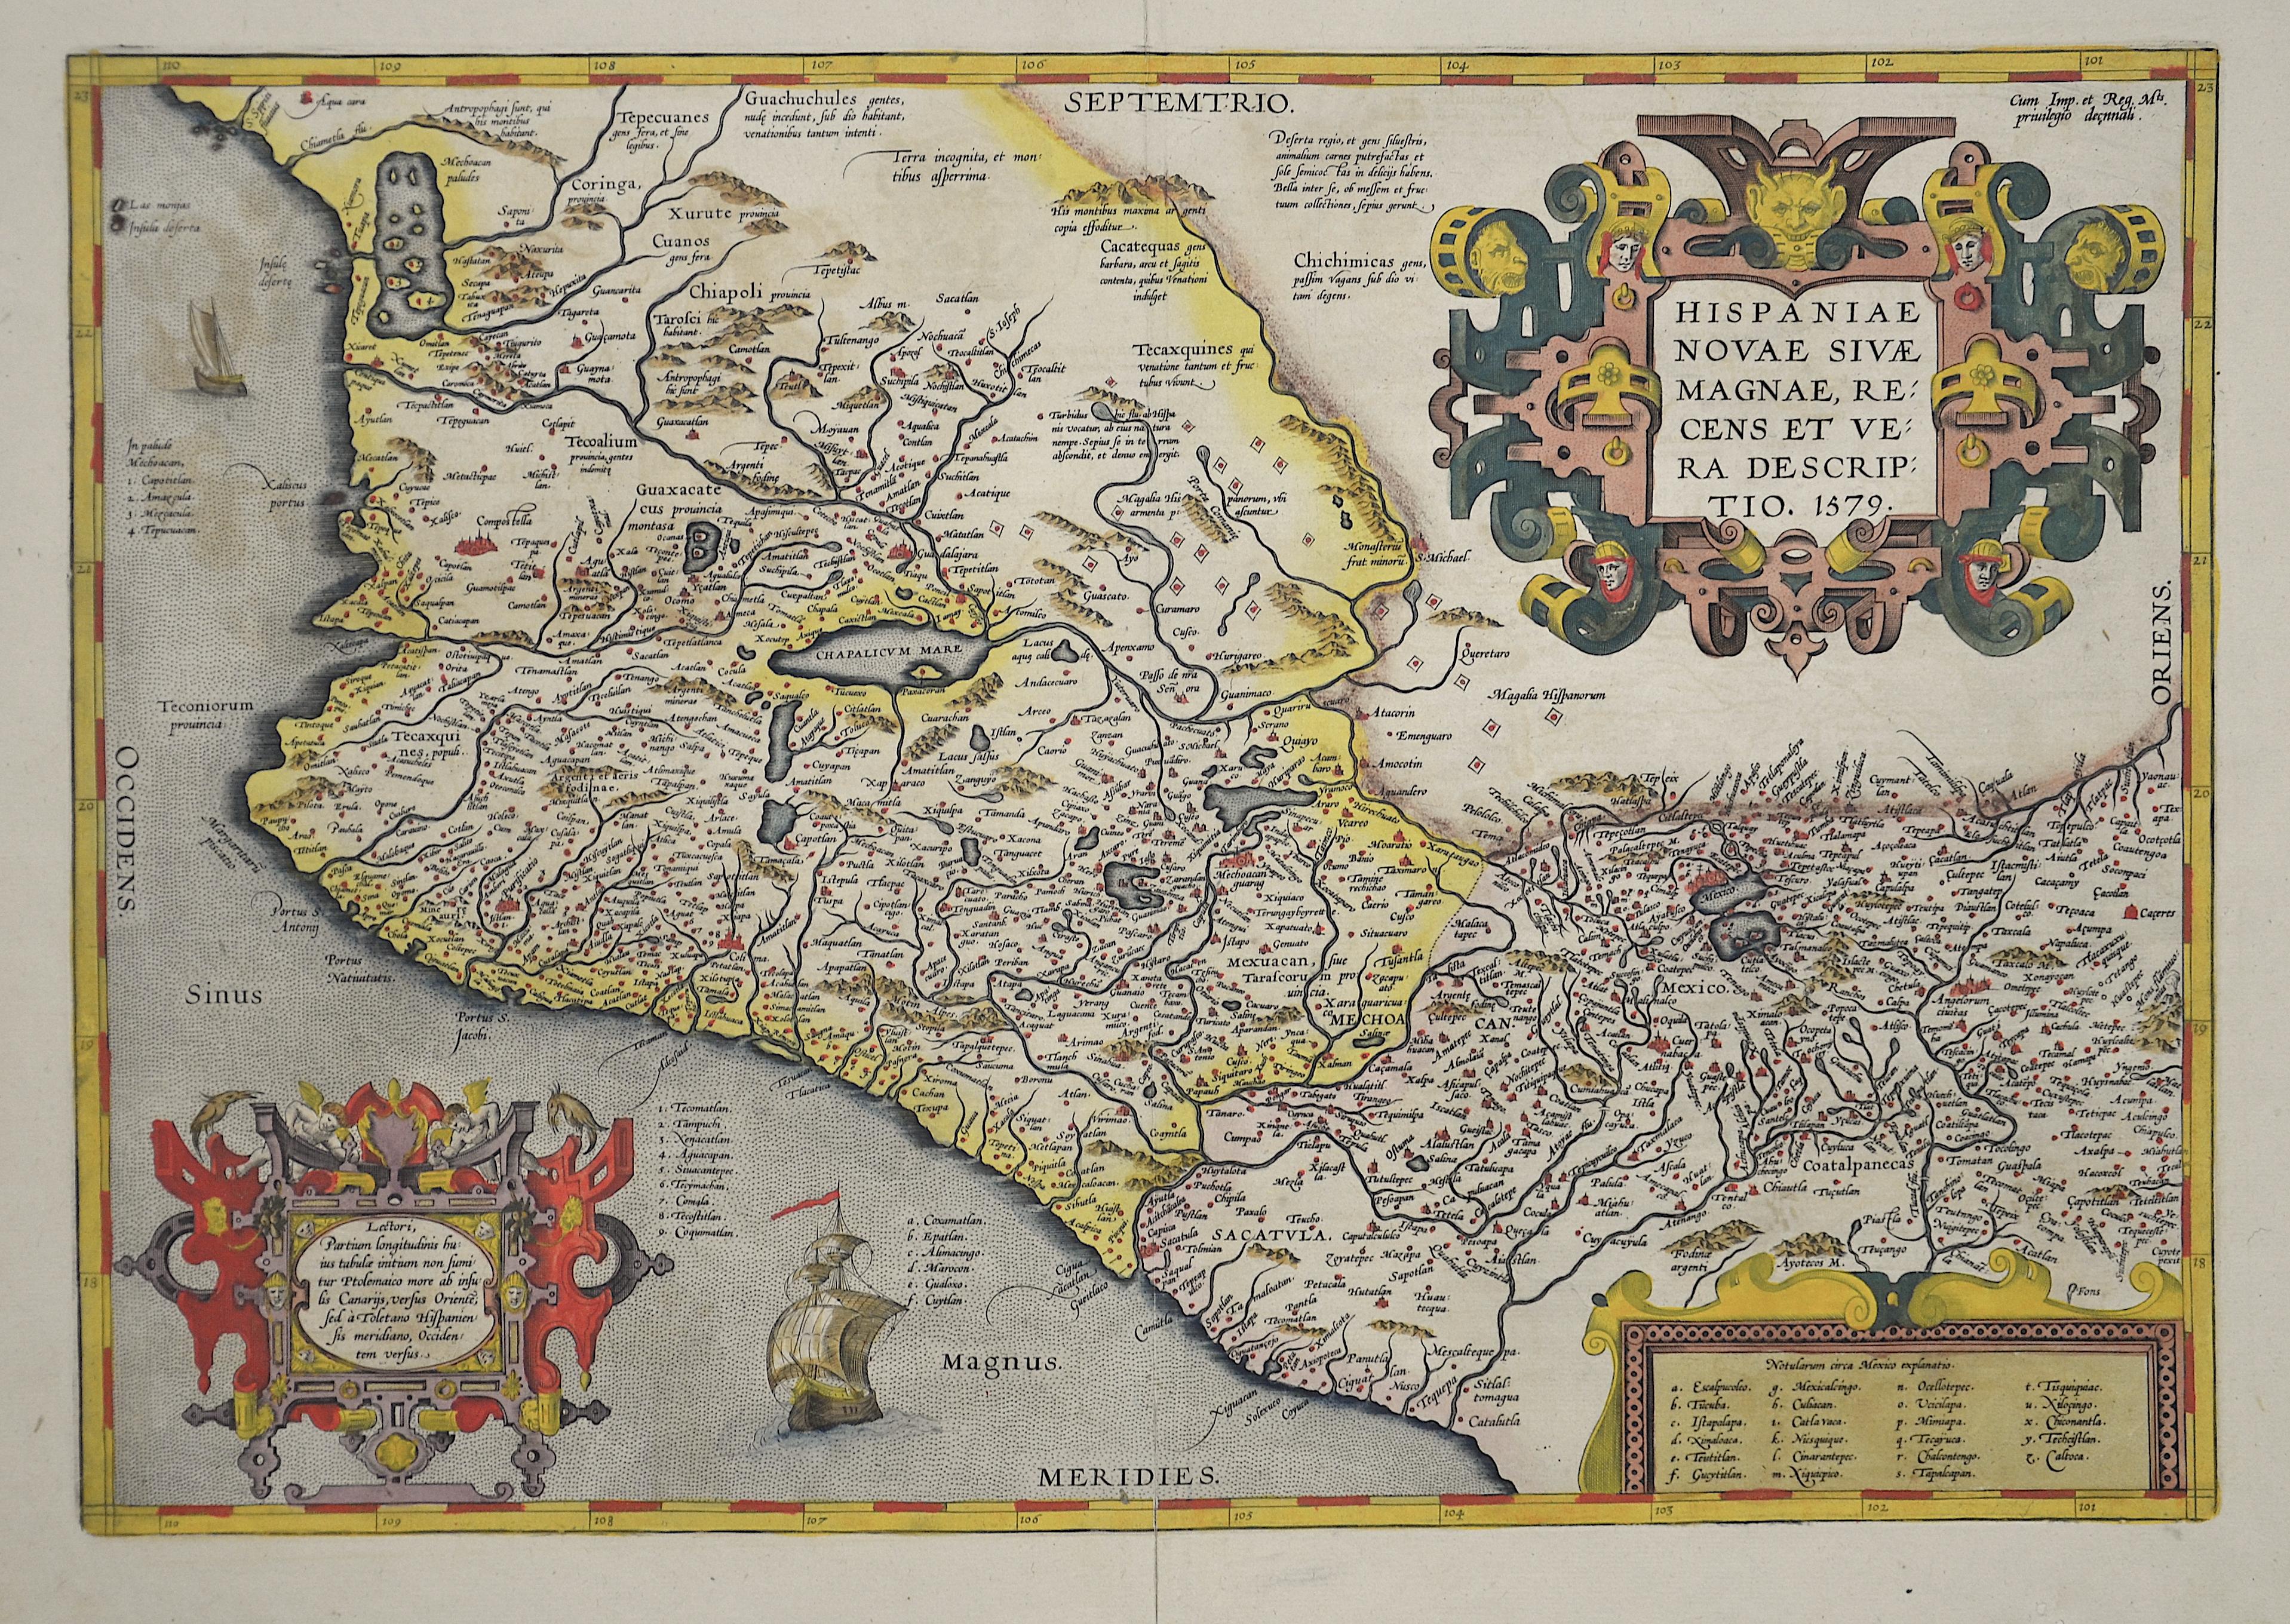 Ortelius Abraham Hispaniae Novae sive Magnae recens descriptio